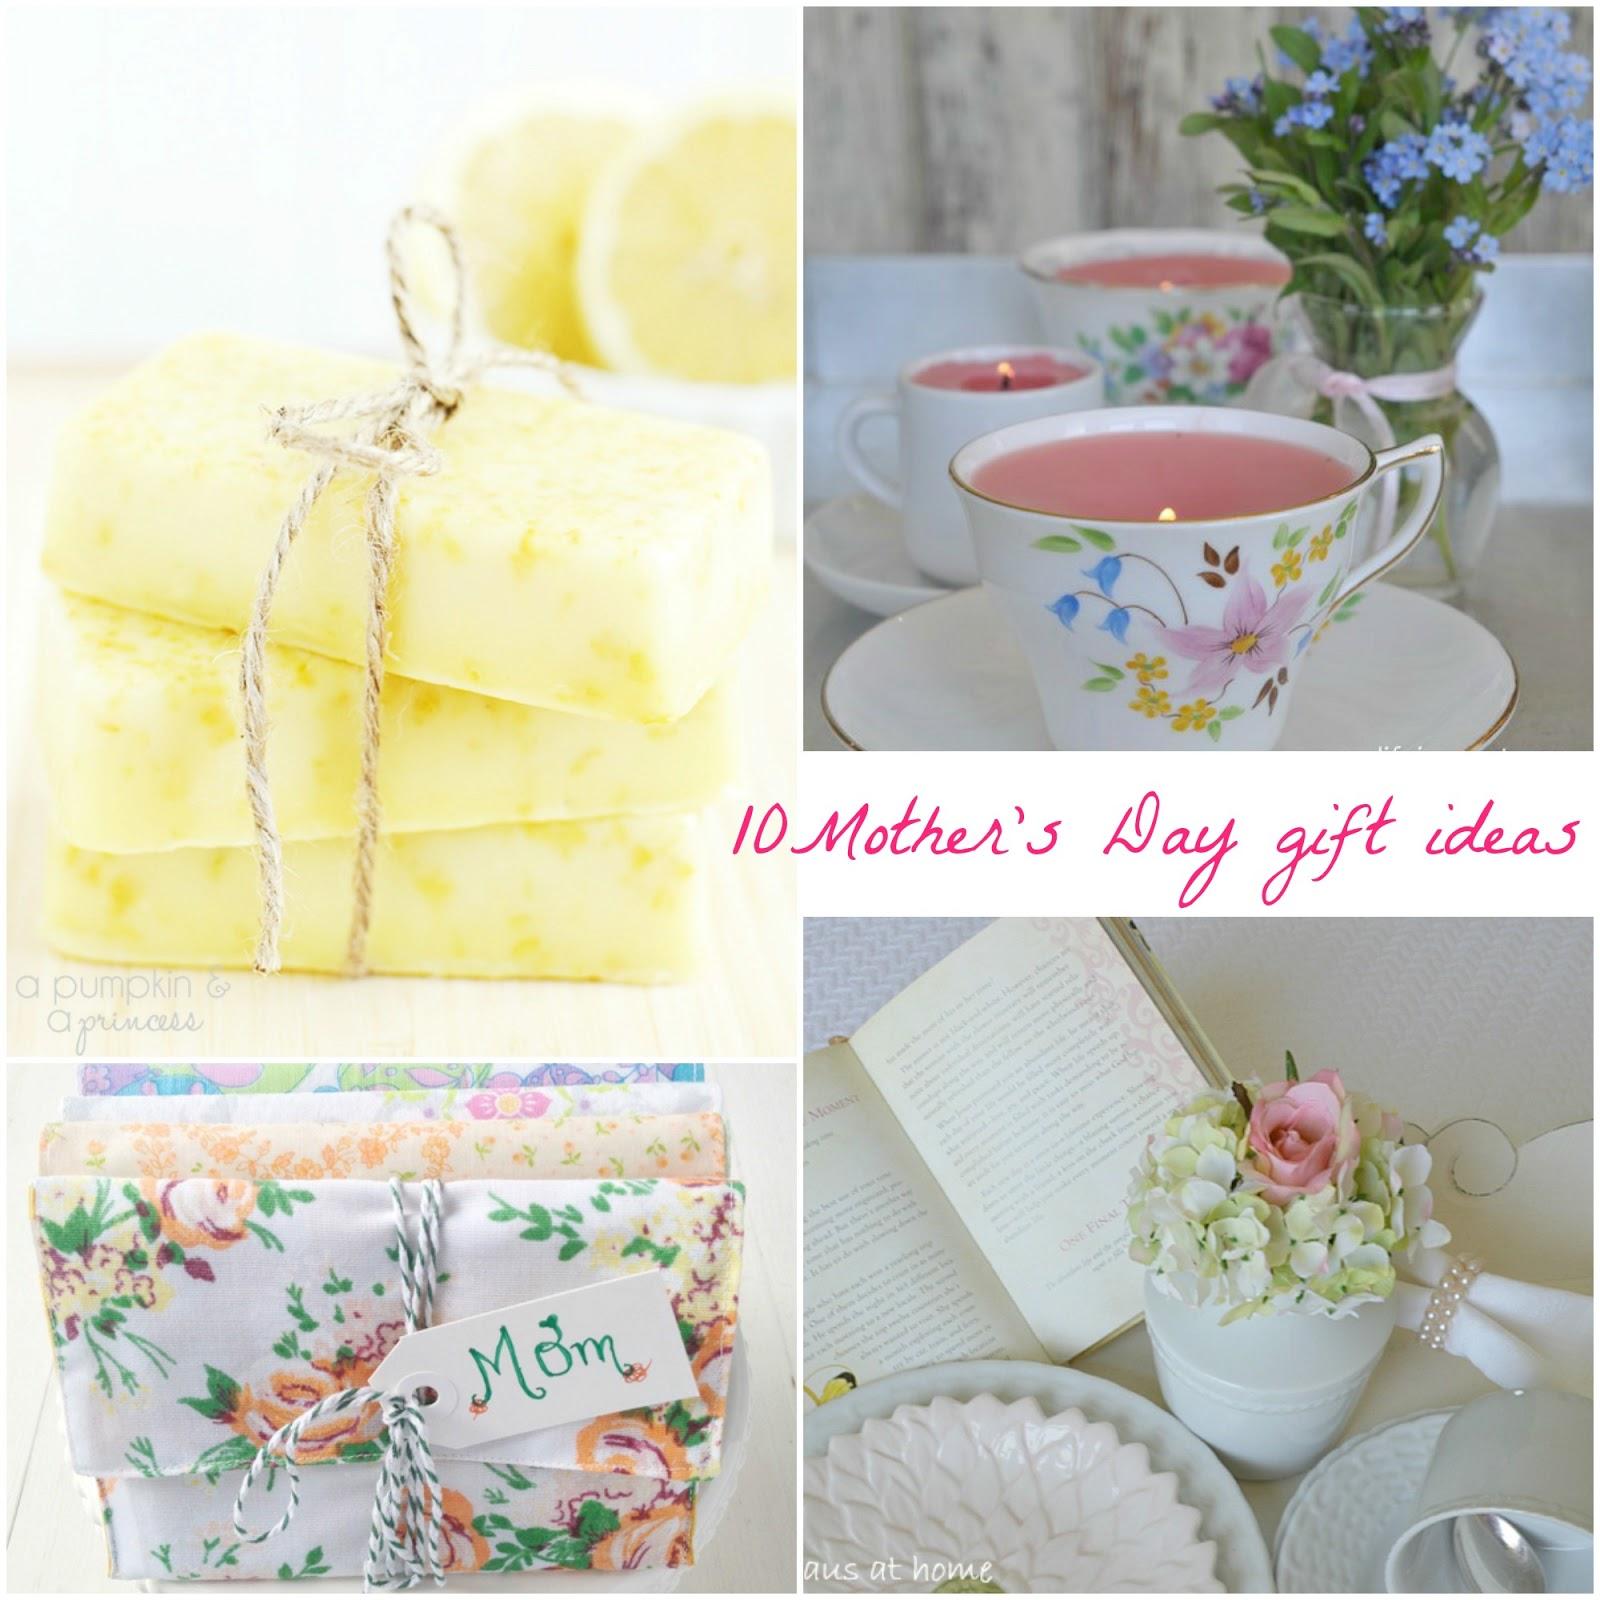 10 Homemade Mothers Day Gift Ideas Taryn Whiteaker